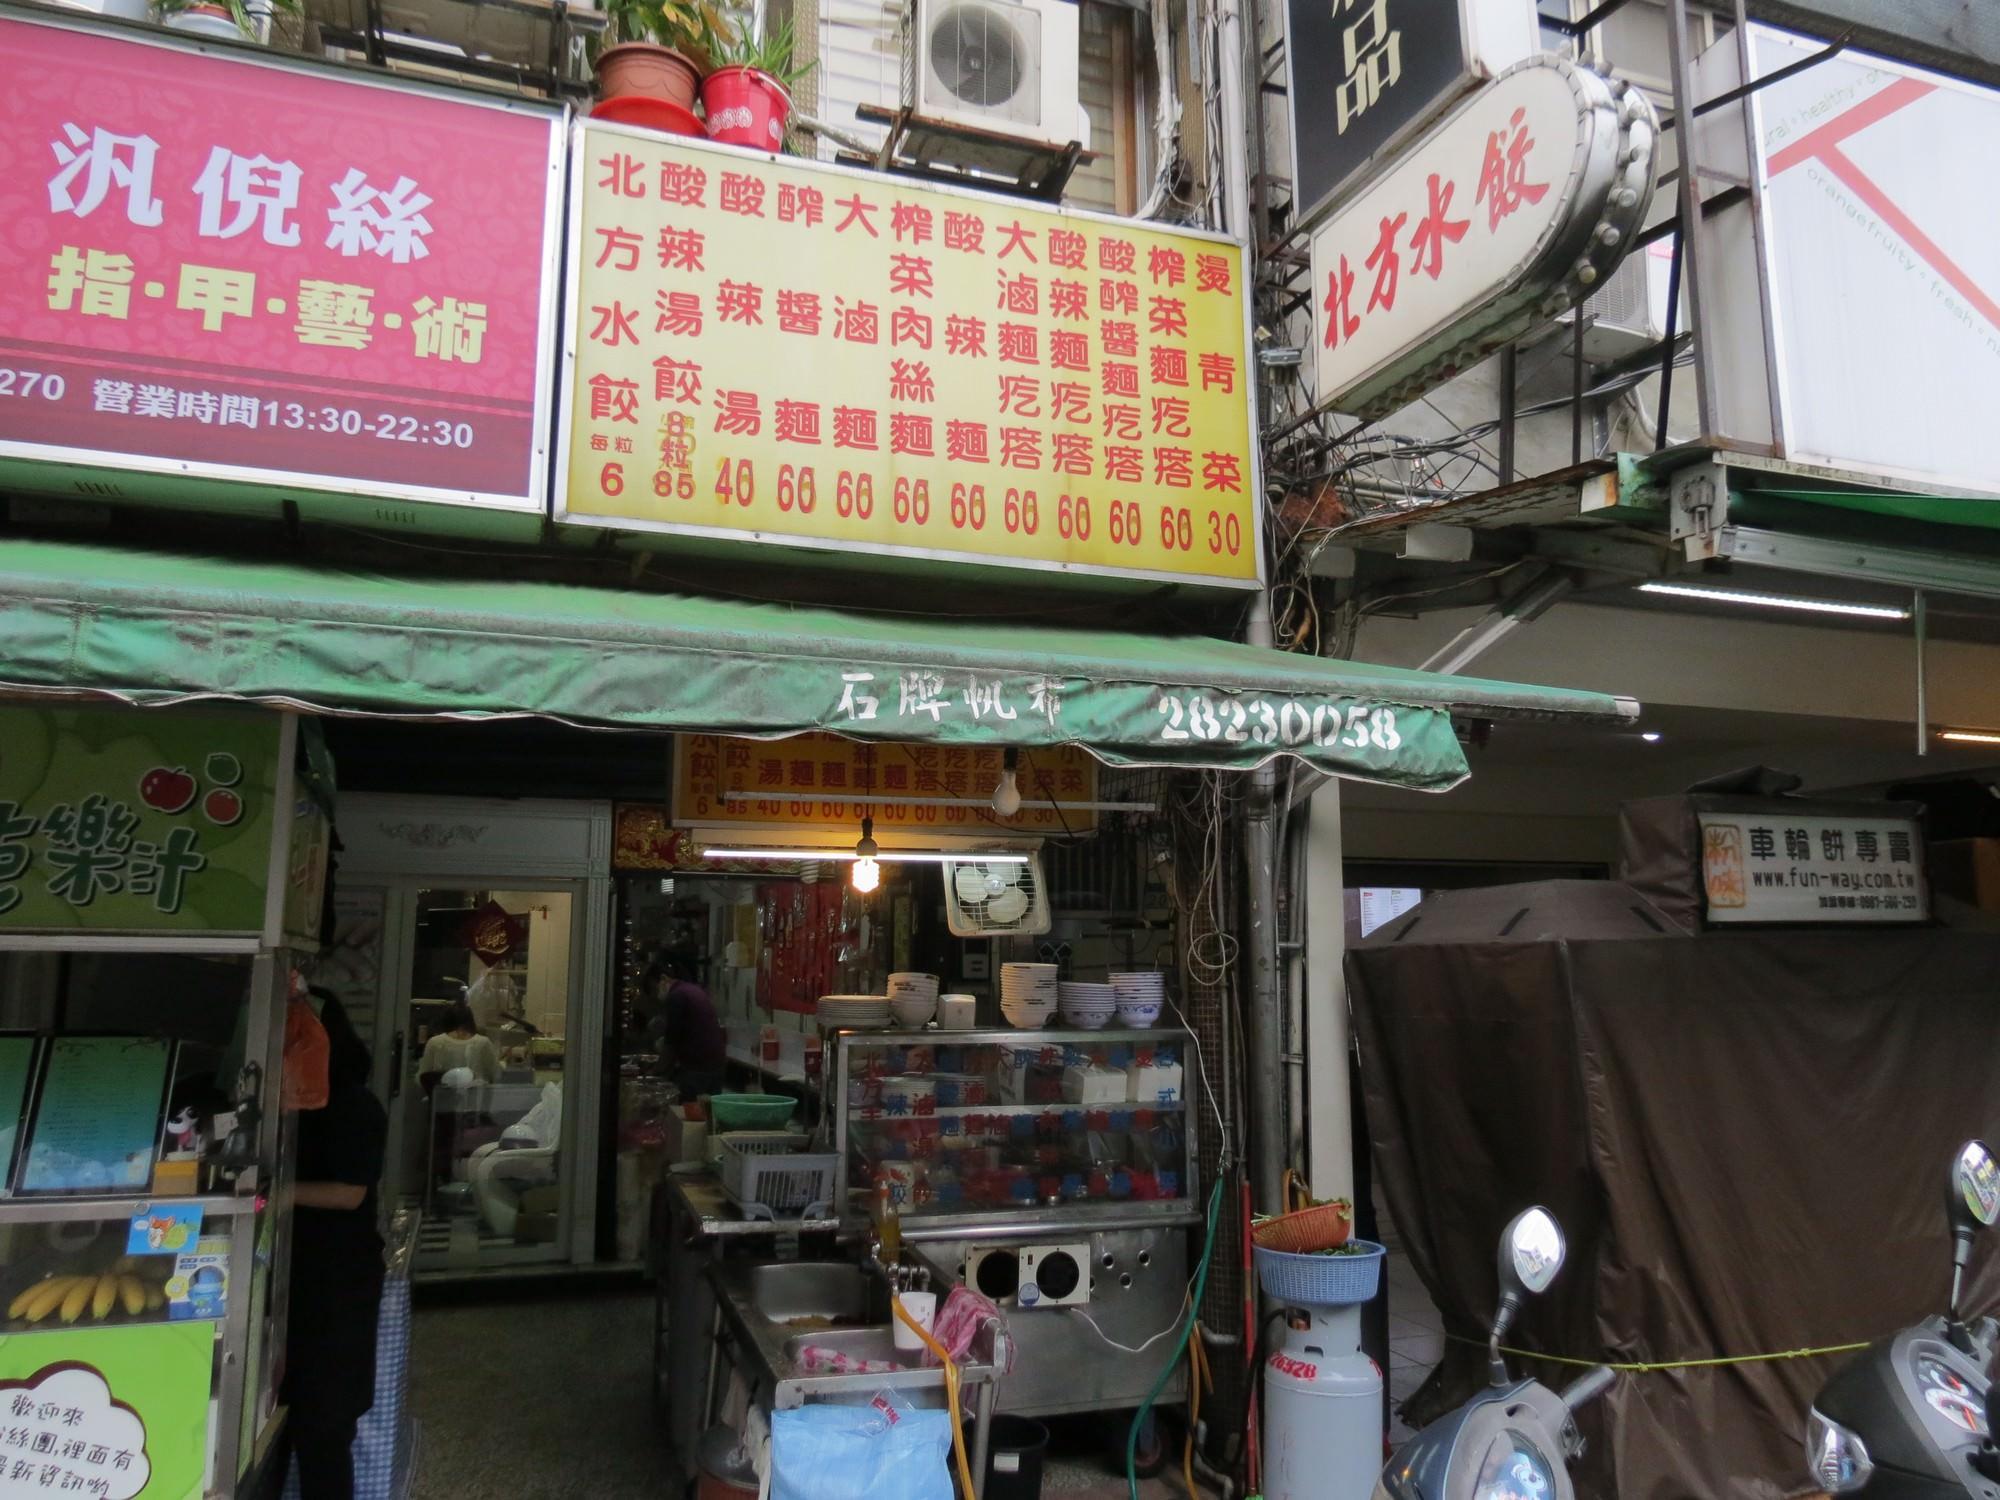 北方水餃(石牌), 店面